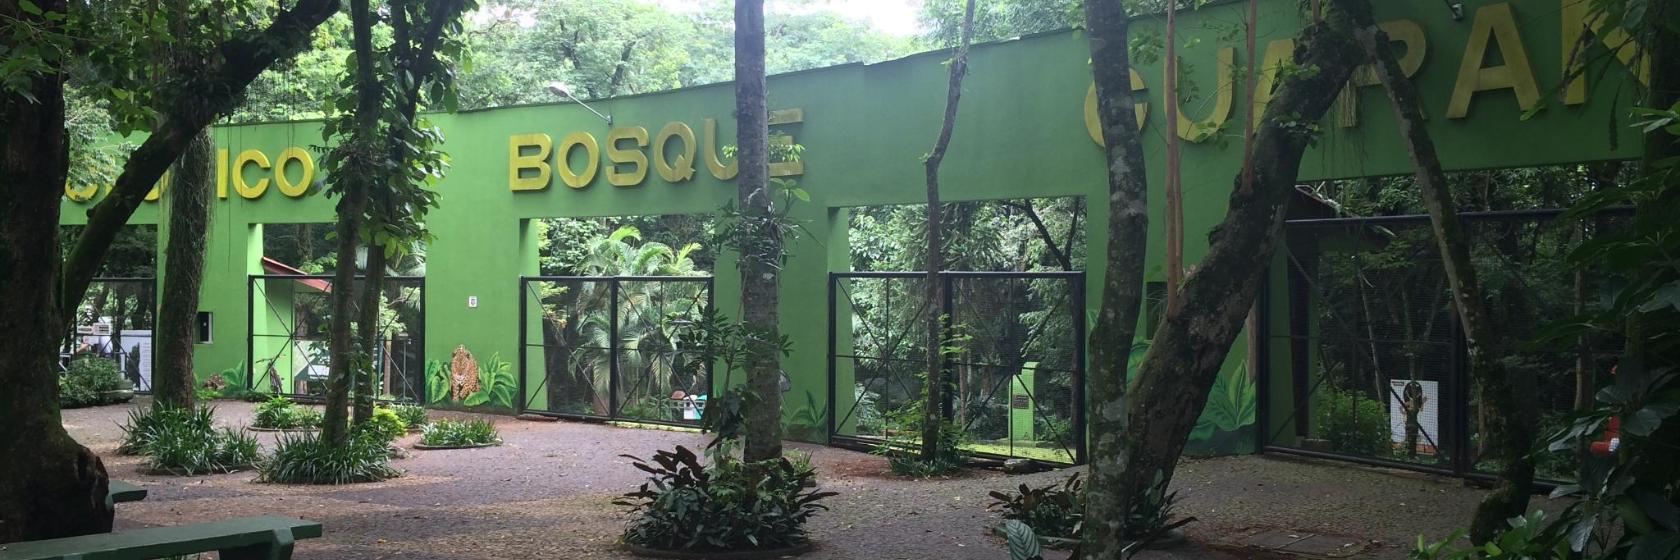 Os 10 Melhores Hoteis Perto De Zoo Bosque Guarani Foz Do Iguacu Brasil